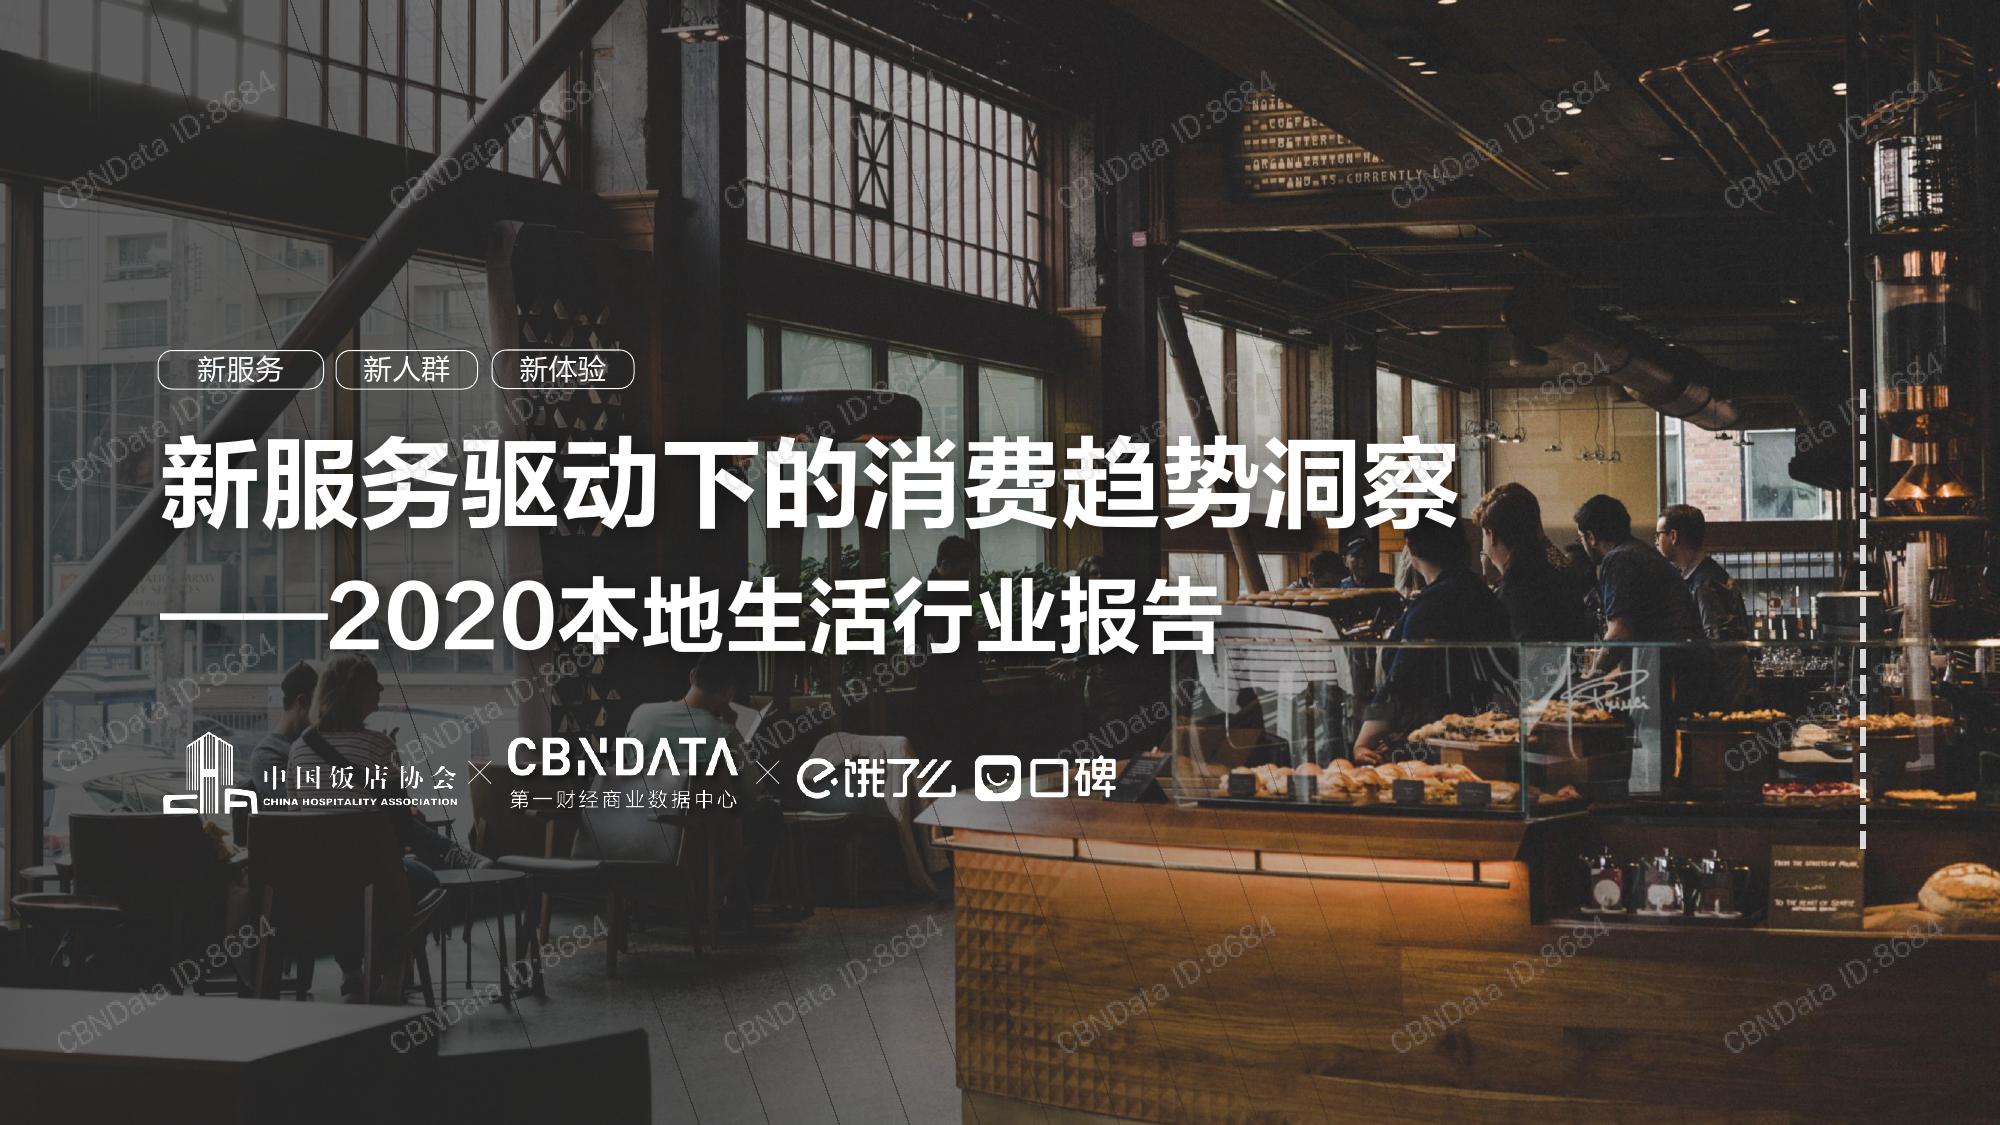 中国饭店协会&CBNData:2020本地生活行业报告(附下载)